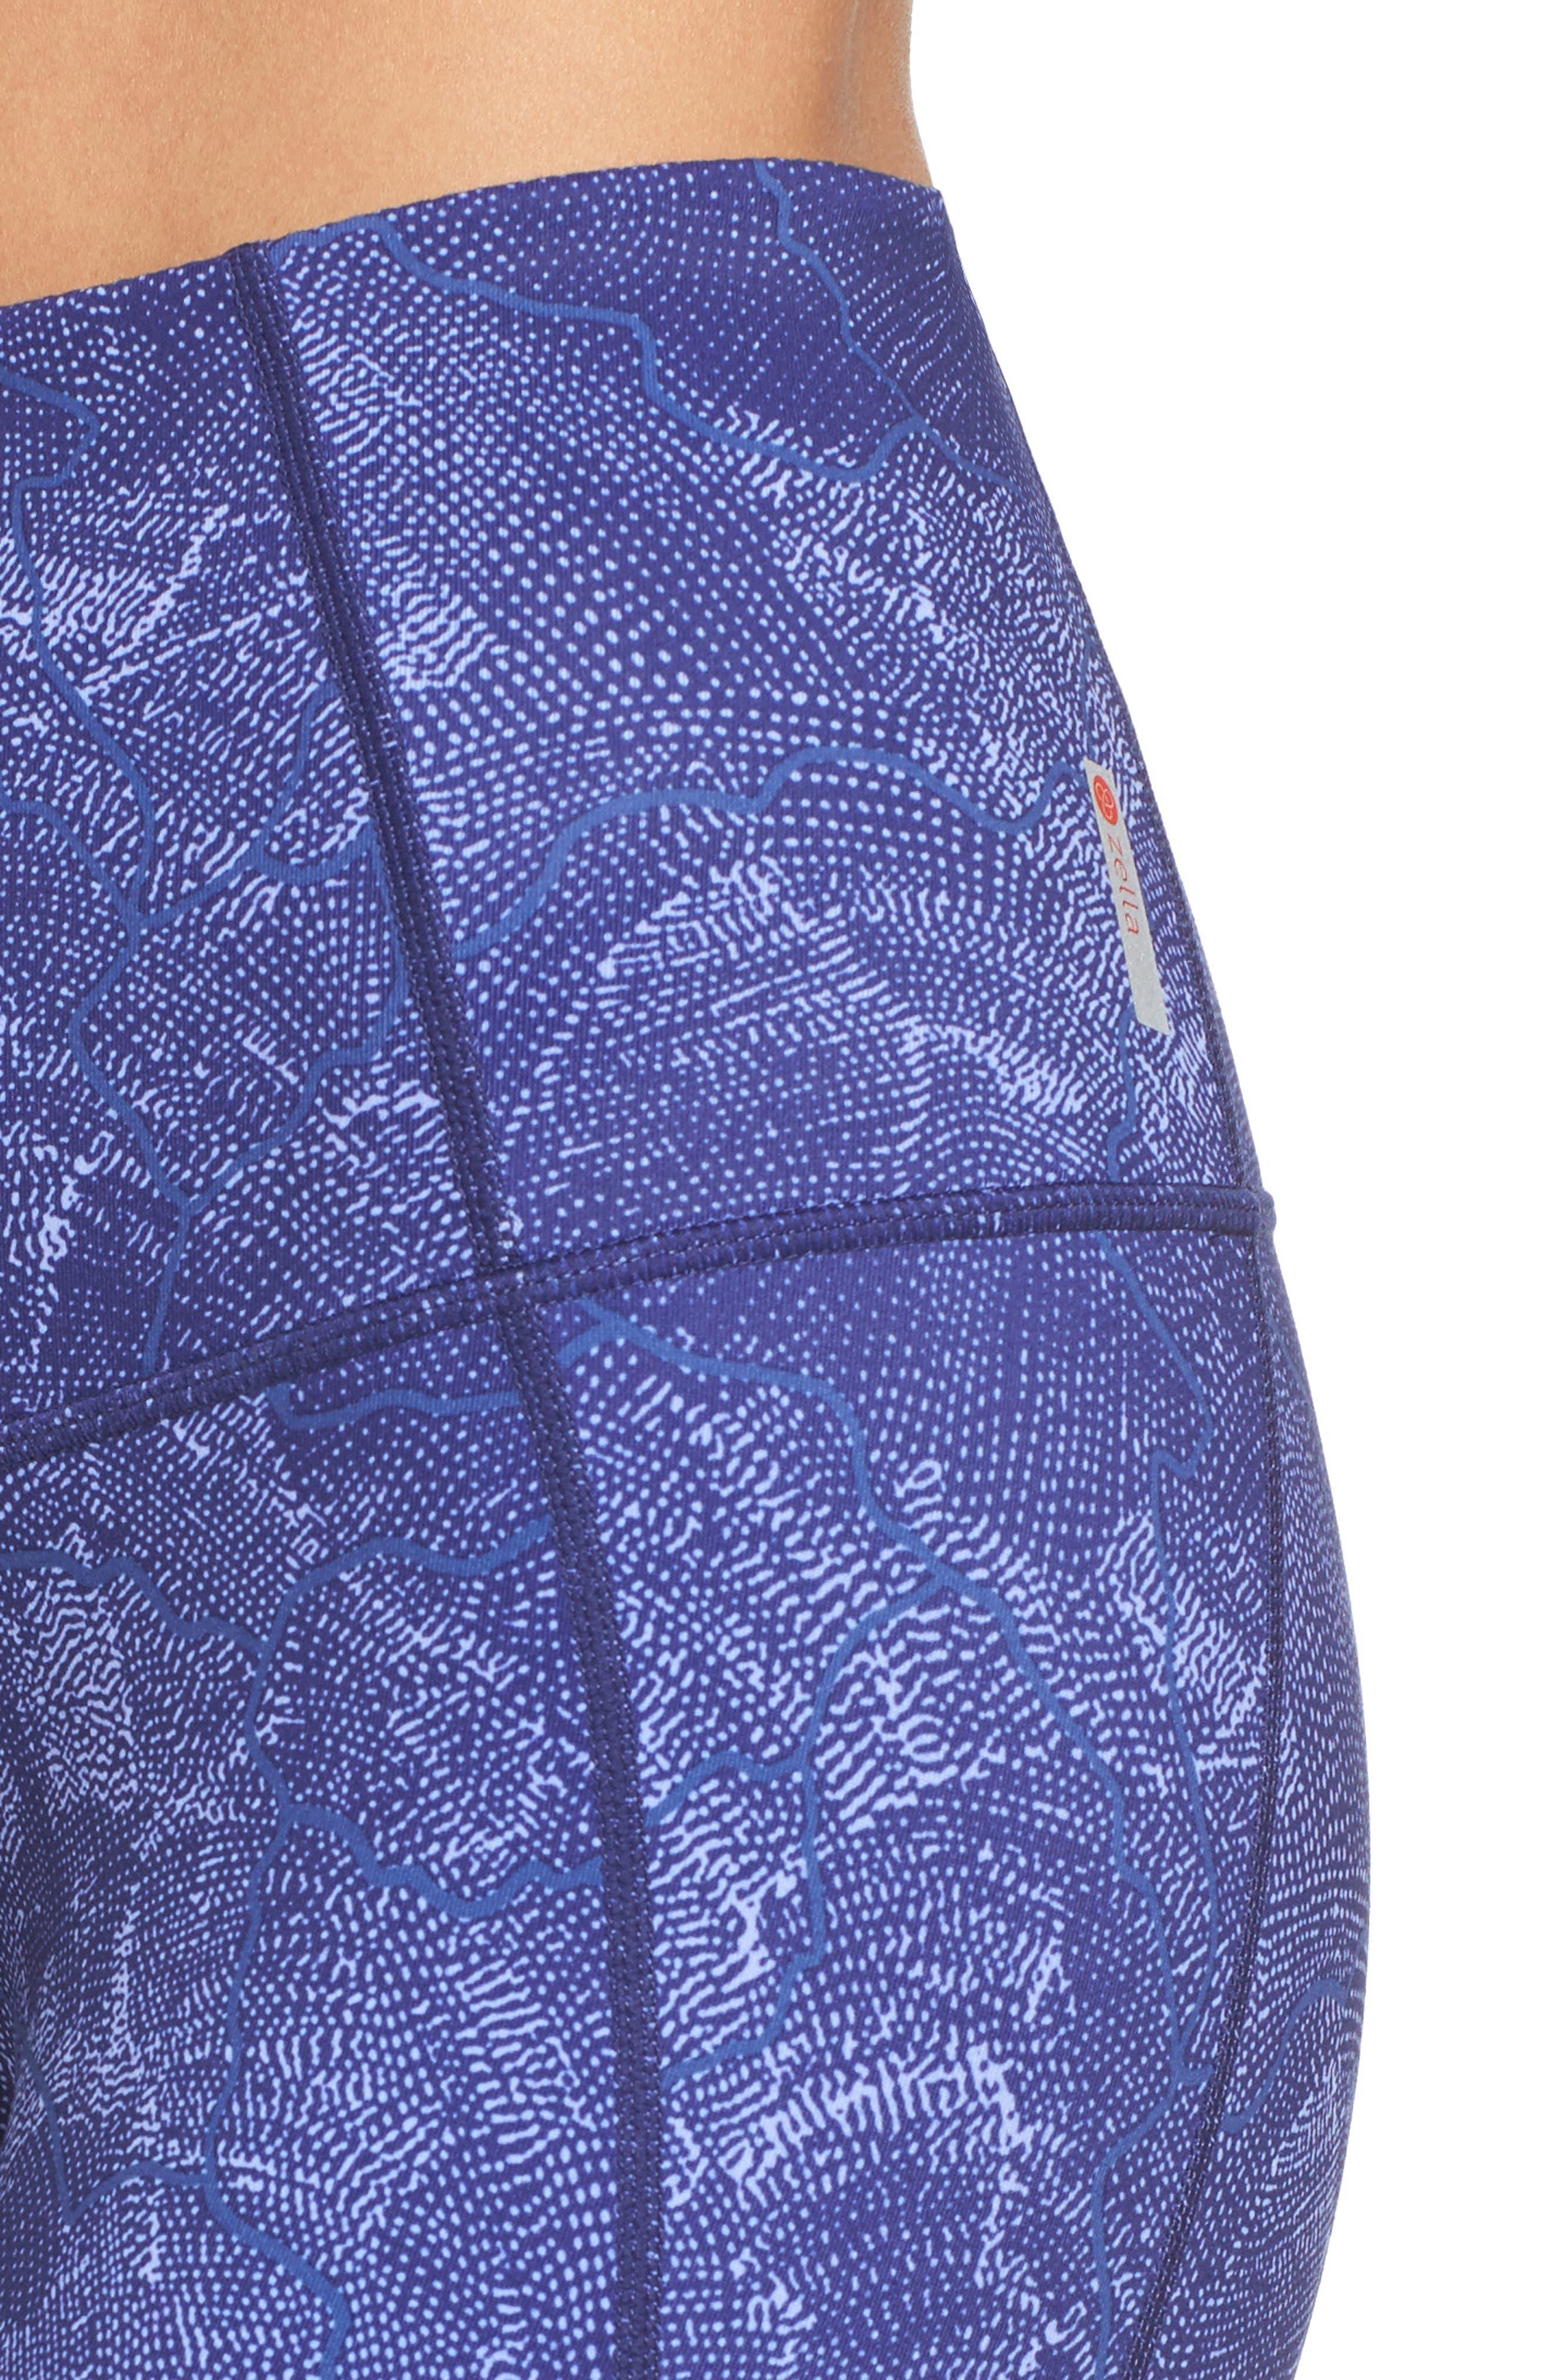 'Hatha' High Waist Crop Leggings,                             Alternate thumbnail 80, color,